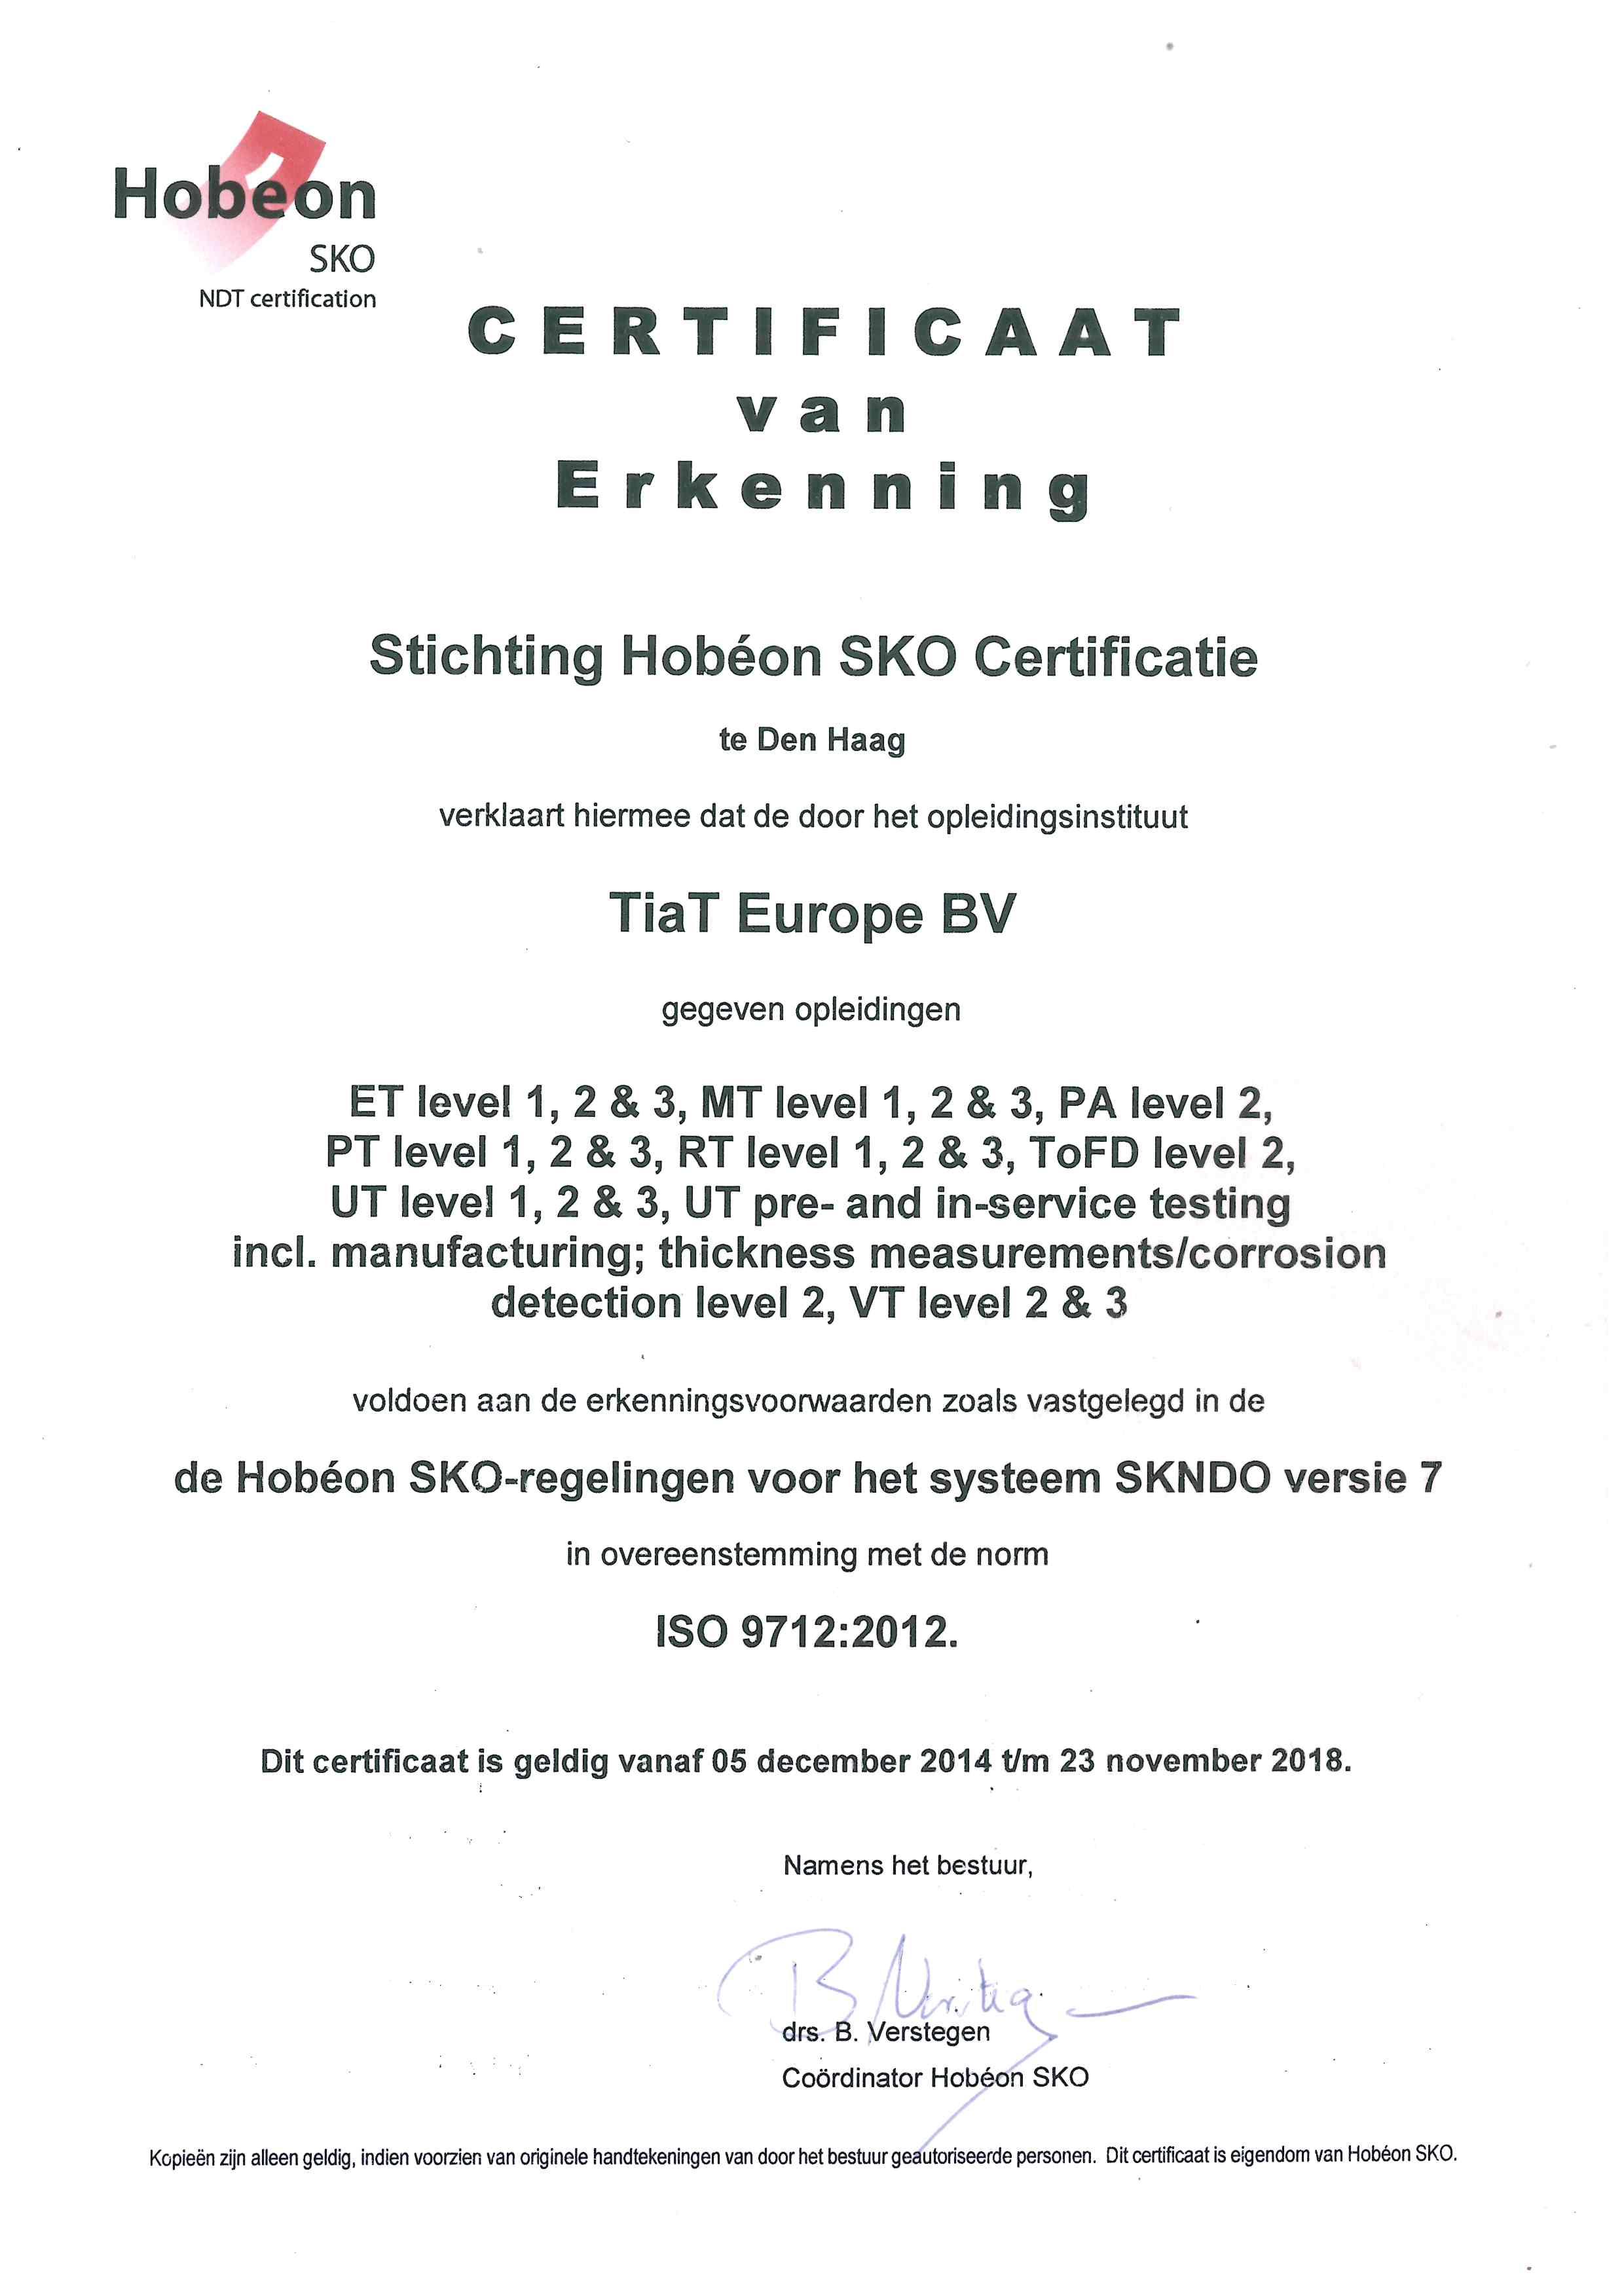 Erkening Opleidingsinstelling - HSKO (ISO 9712)